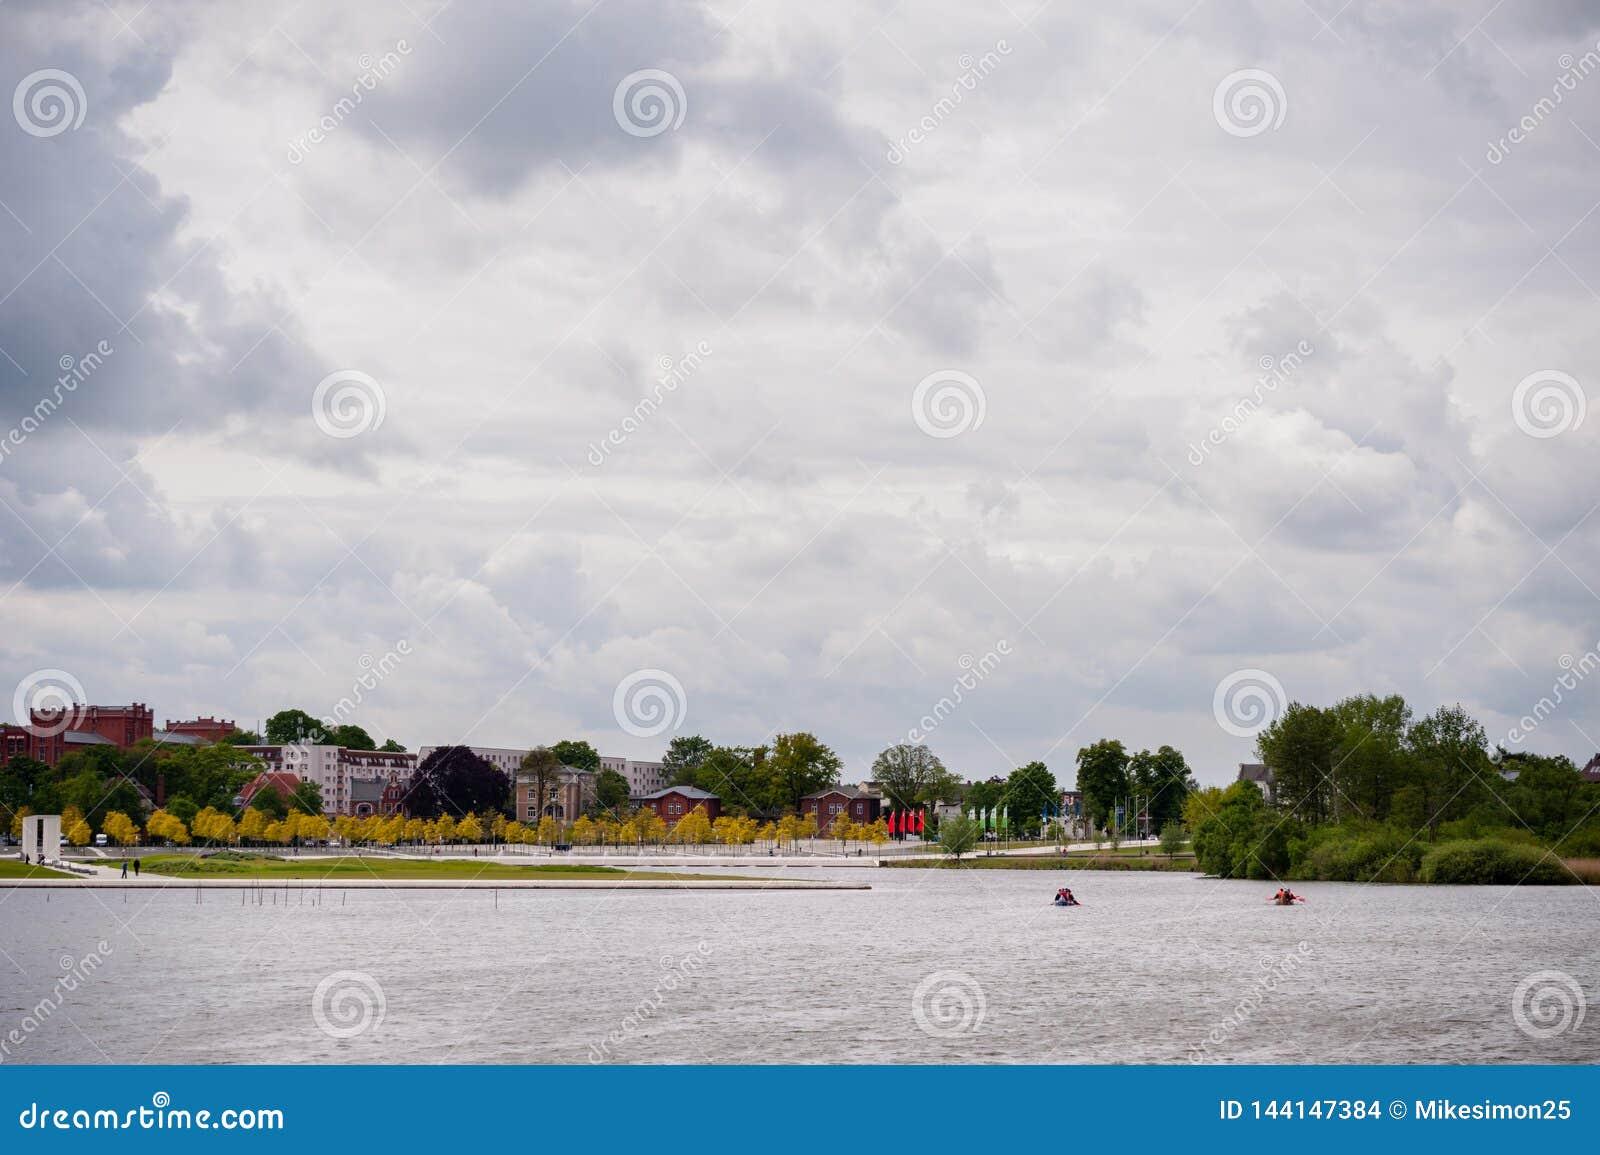 Visión en Burgsee, lago del castillo, en Schwerin, Alemania en el día cubierto